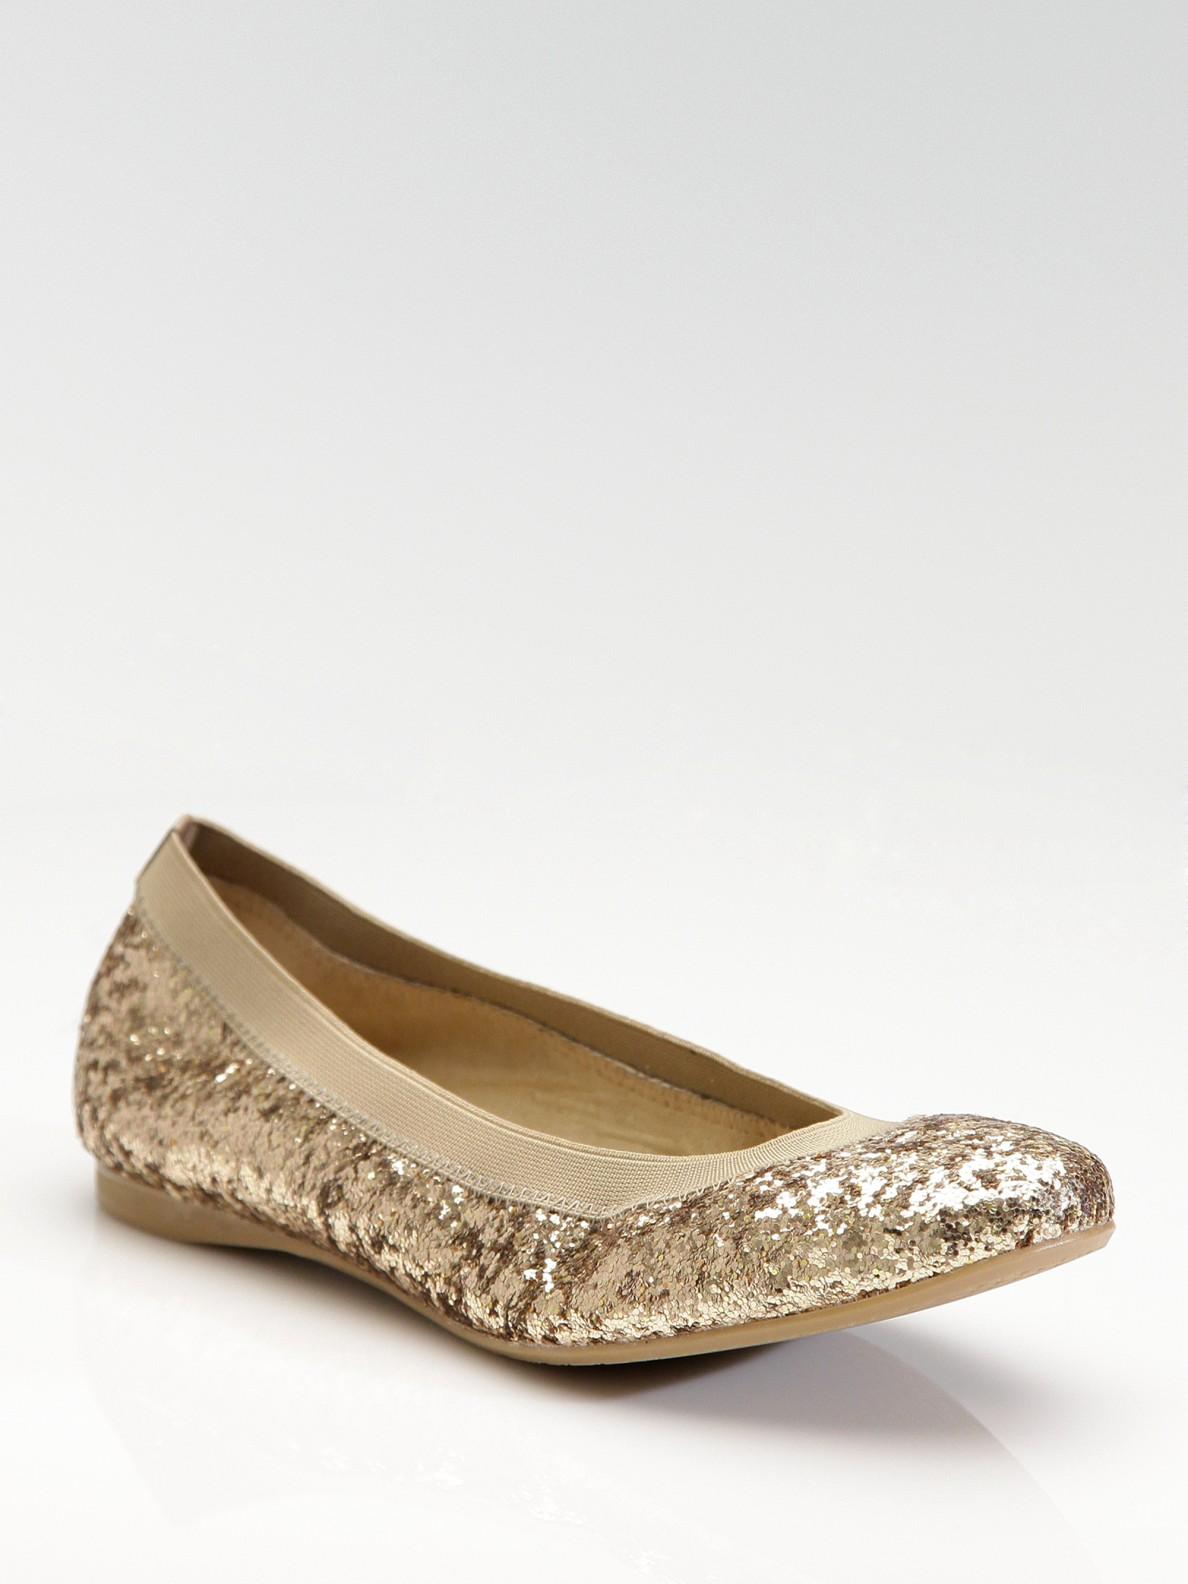 Stuart Weitzman Lastikon Glitter Ballet Flats In Gold